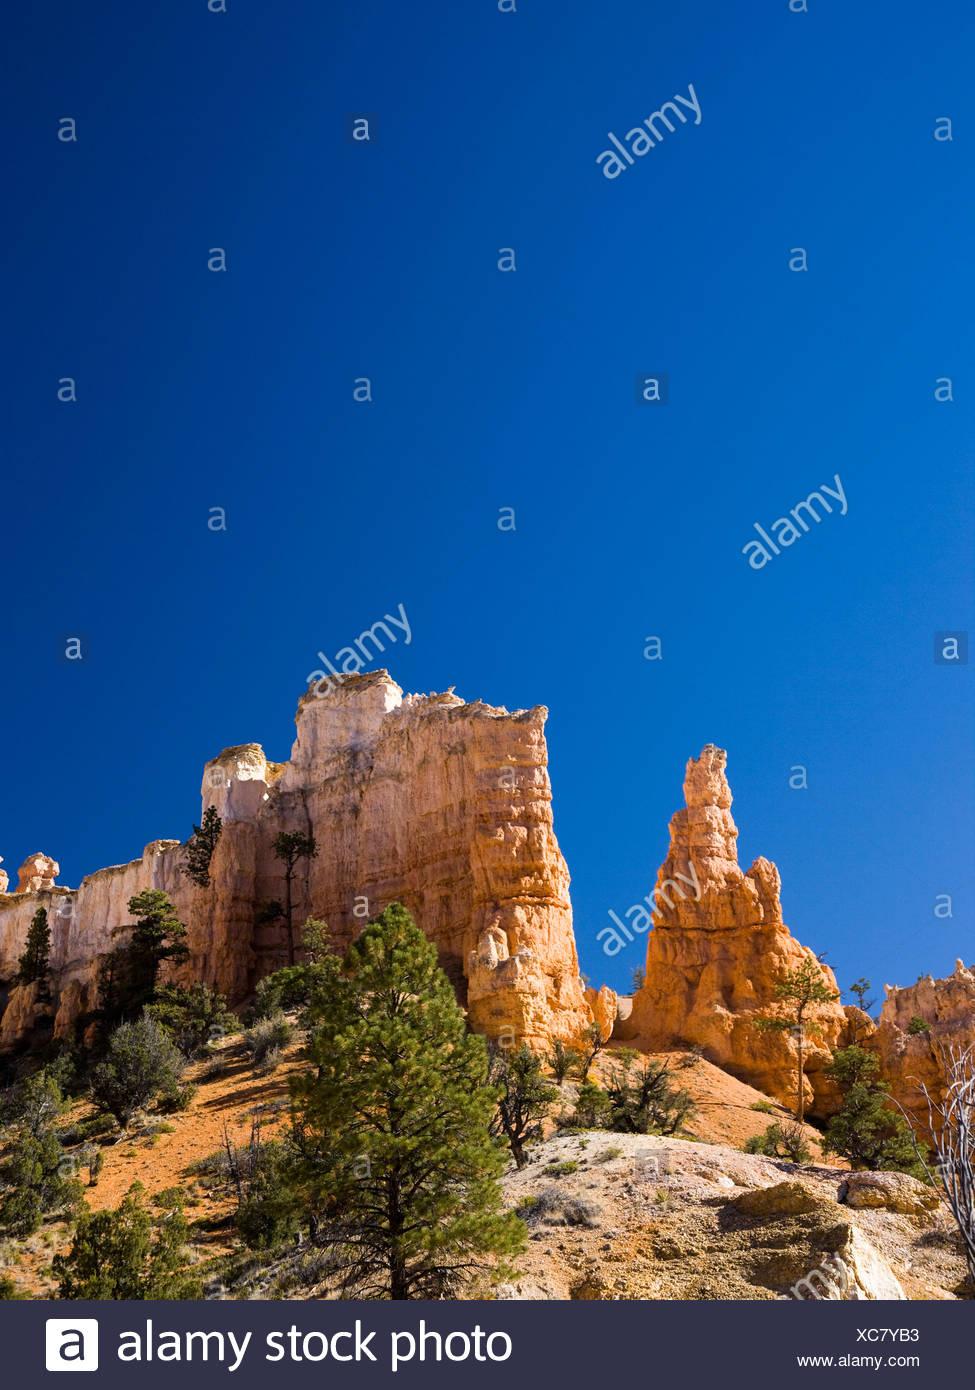 desert landscape - Stock Image